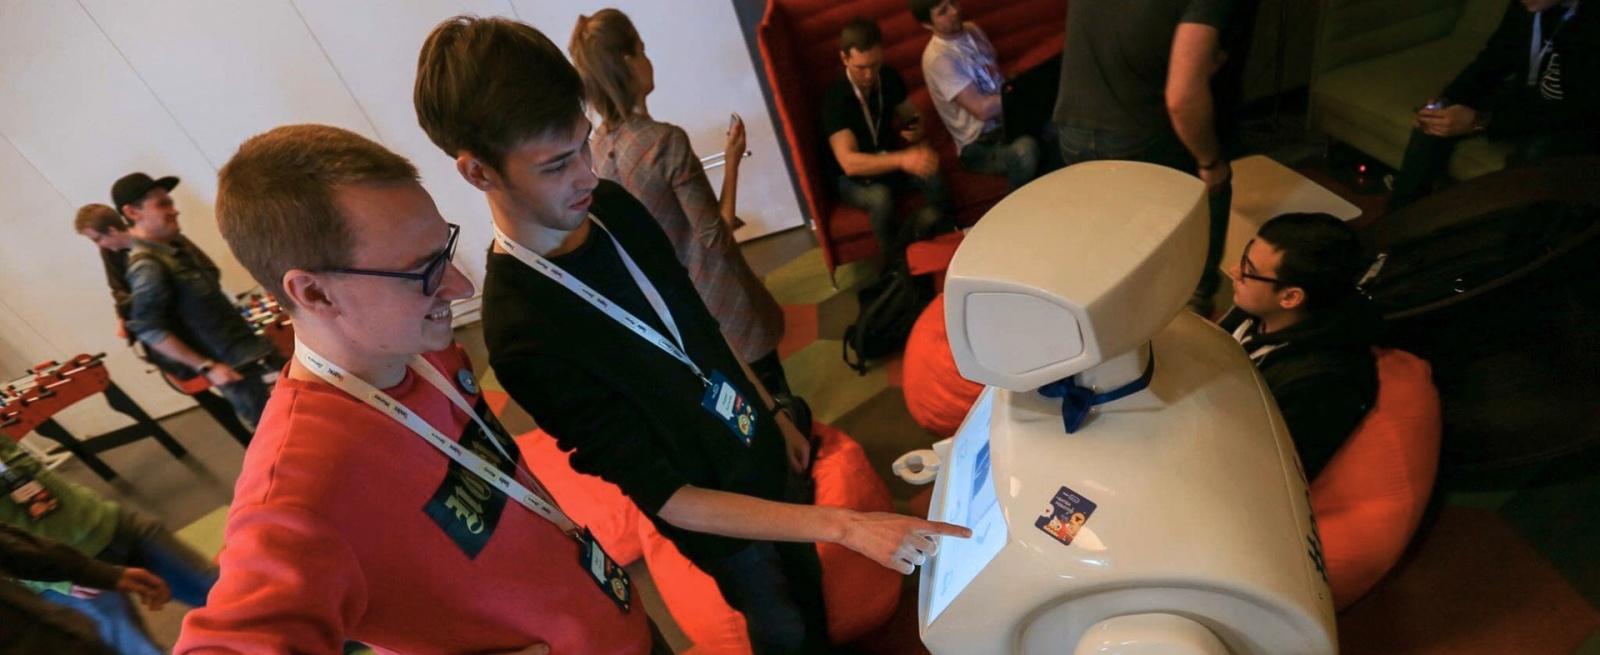 Битва роботов на Хакатоне Яндекс.Денег - 1